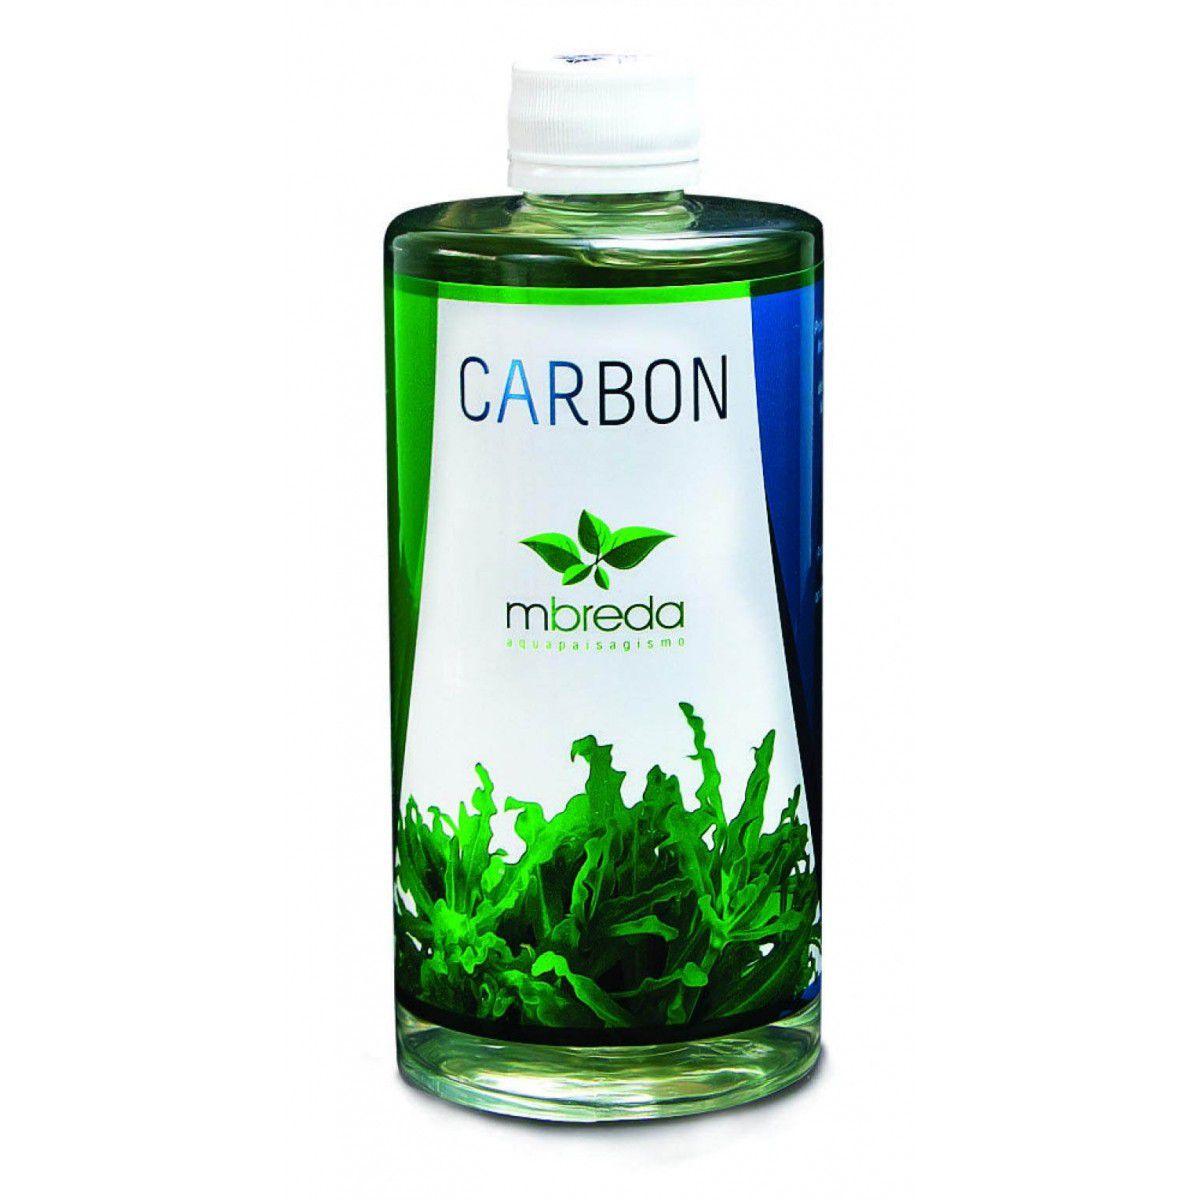 Co2 Liquido Para Aquário Plantado Mbreda Carbon 500ml